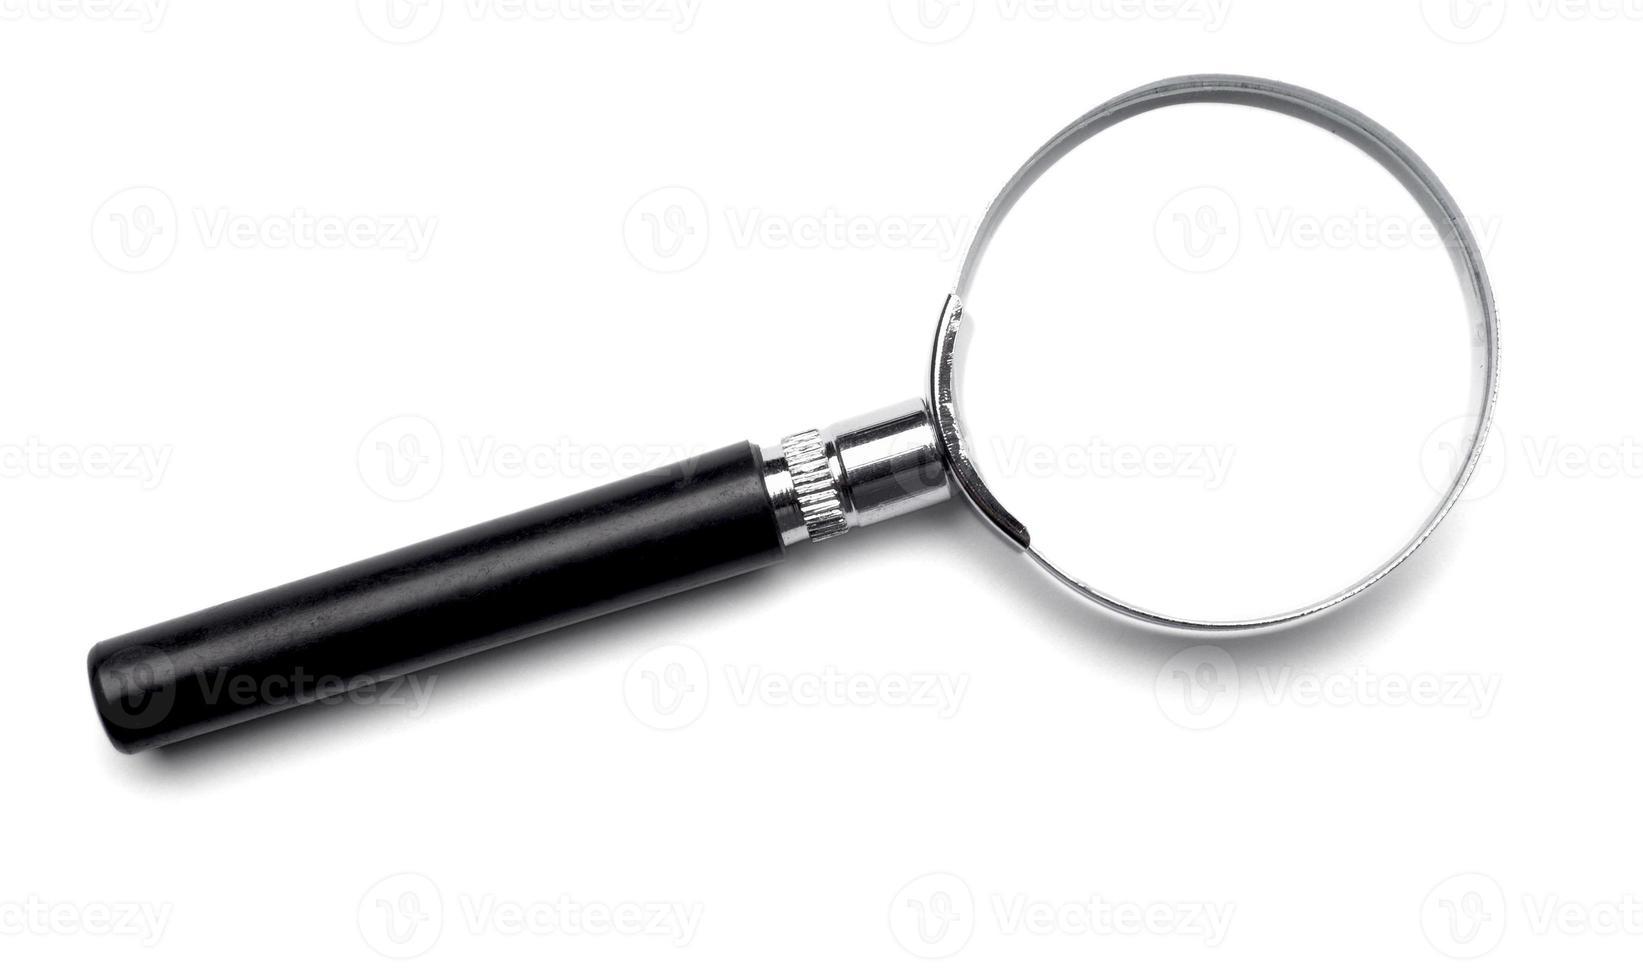 vergrootglas onderzoek zoek vergroot onderzoek foto